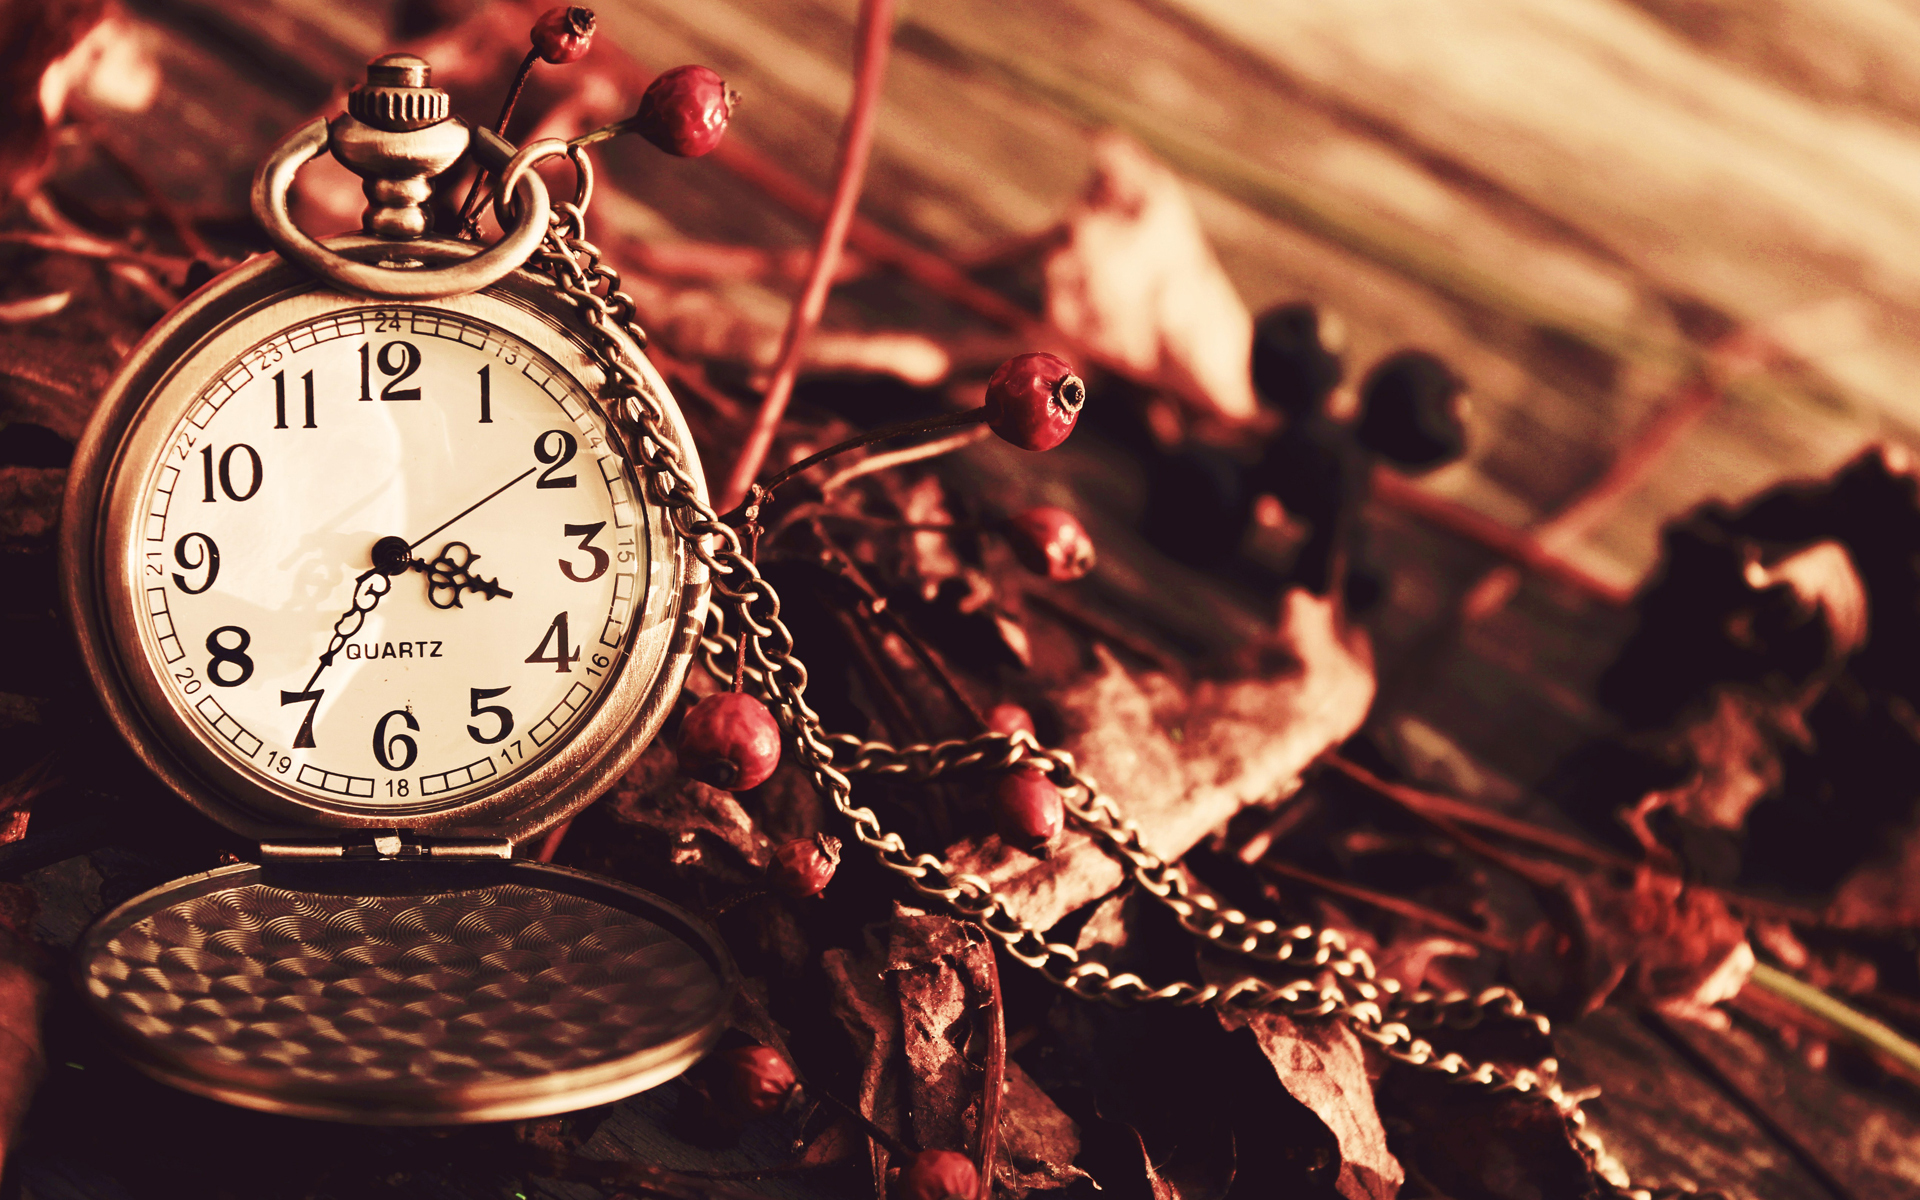 Карманные часы и скатерть  № 2171621 без смс